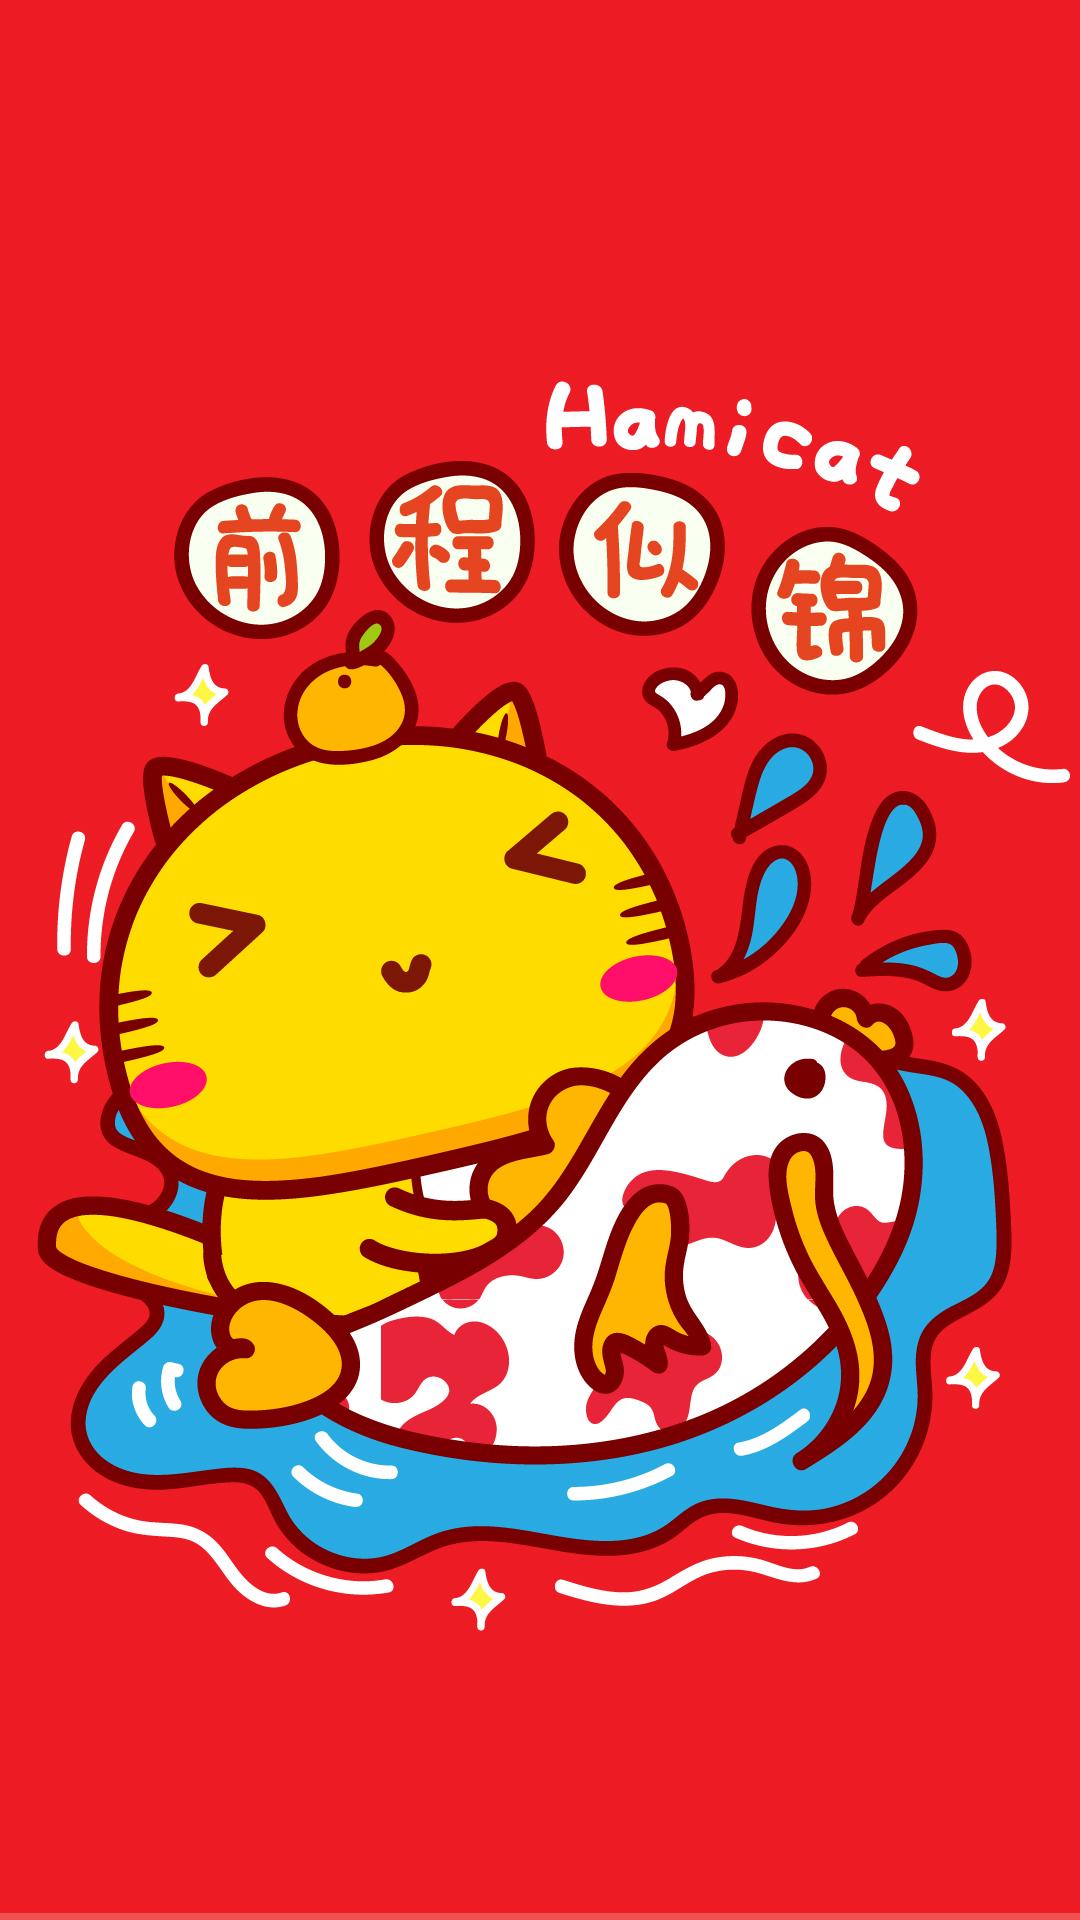 哈咪猫可爱春节插画